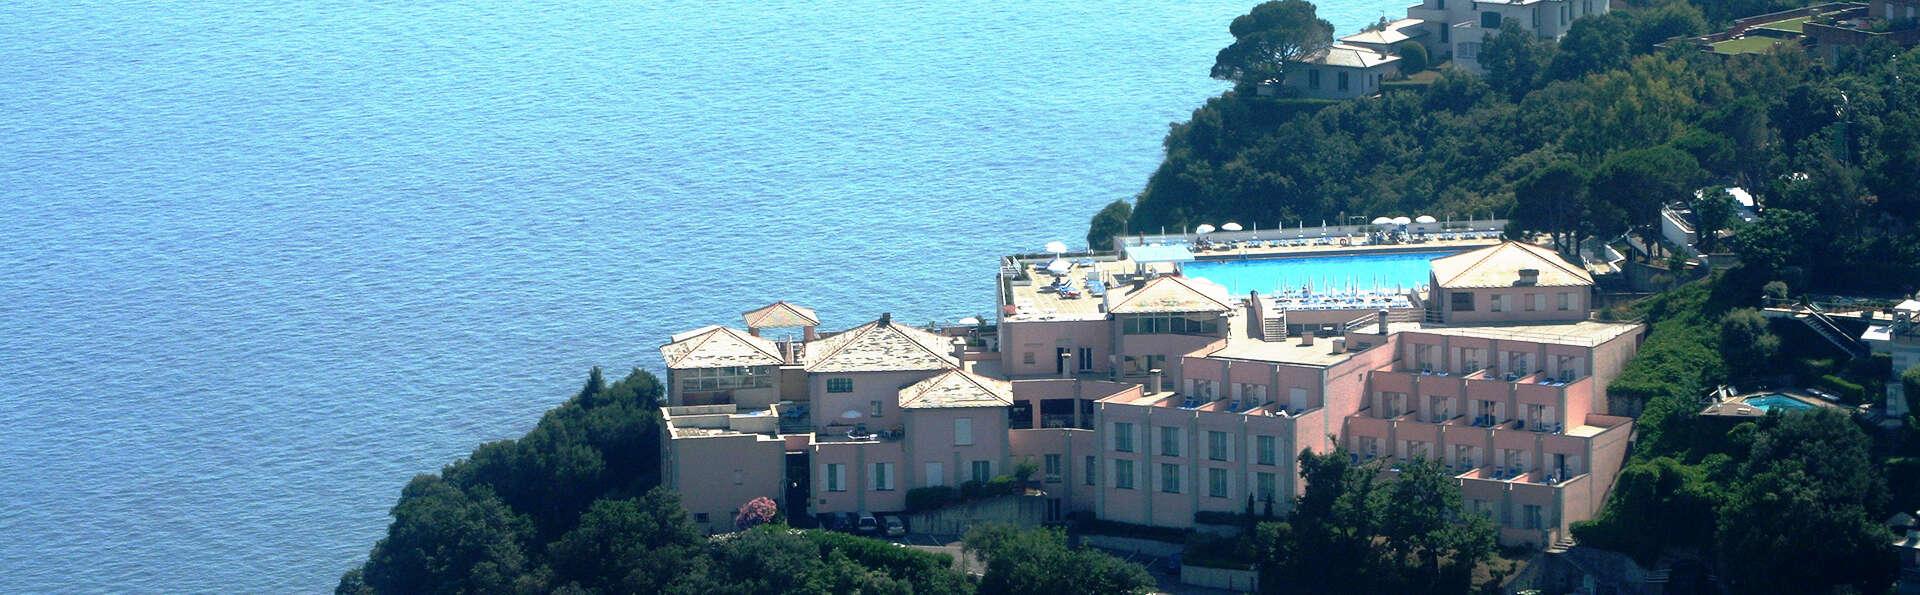 Séjour avec vue sur la mer de Ligurie dans un hôtel de charme, à partir de 3 nuits